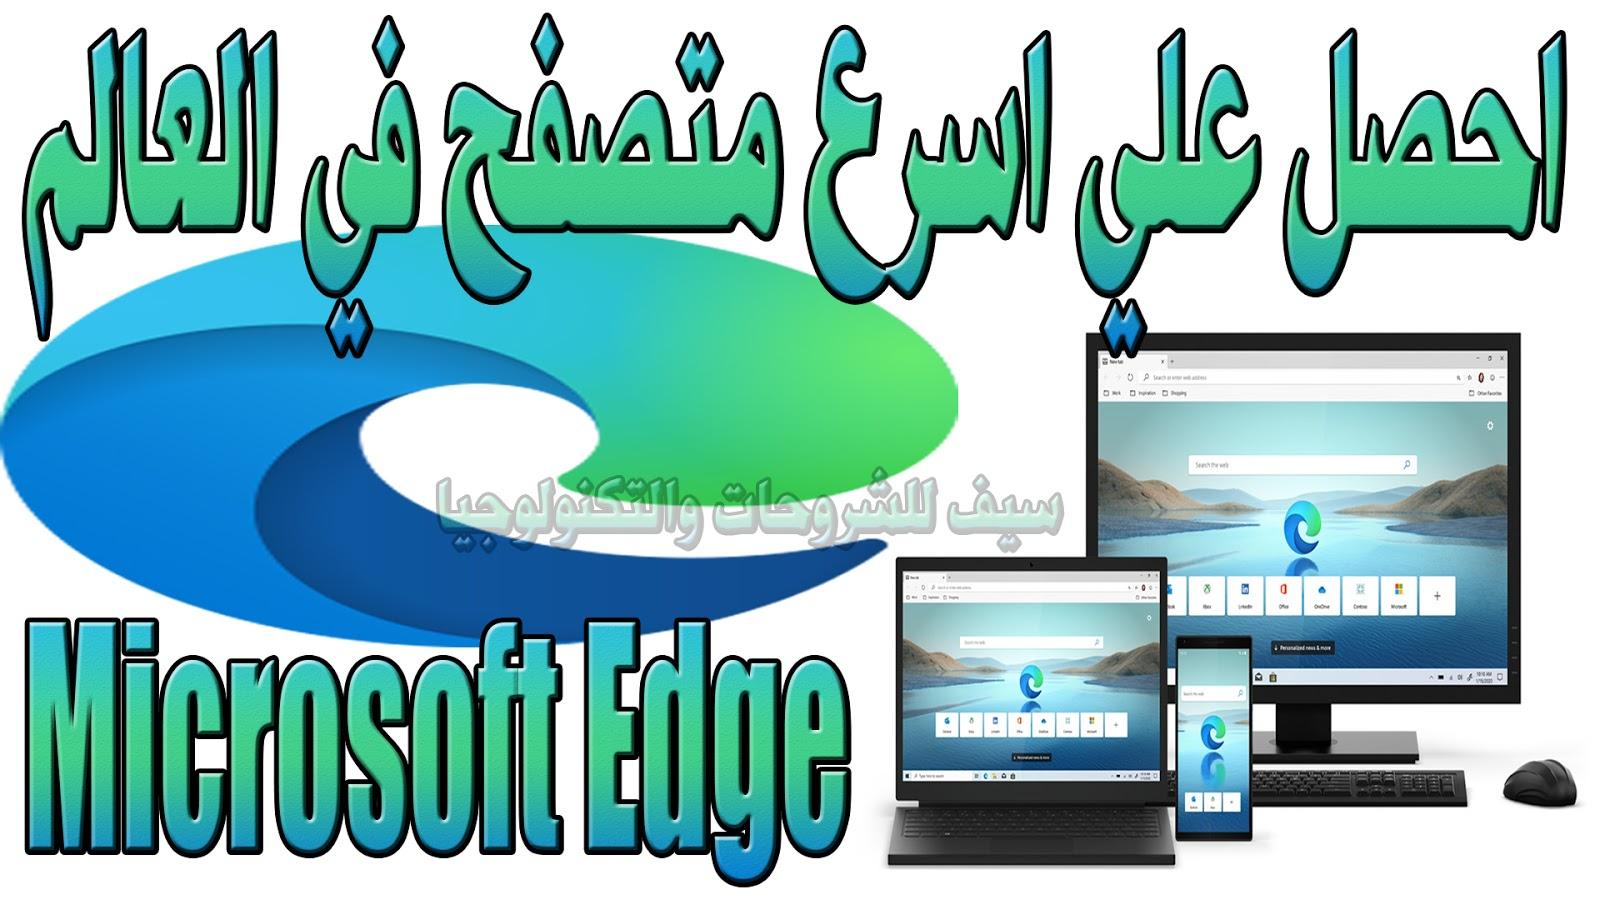 رسميا احصل الان علي متصفح Microsoft Edge  أسرع متصفح في العالم ولم يستهلك موارد الجهاز